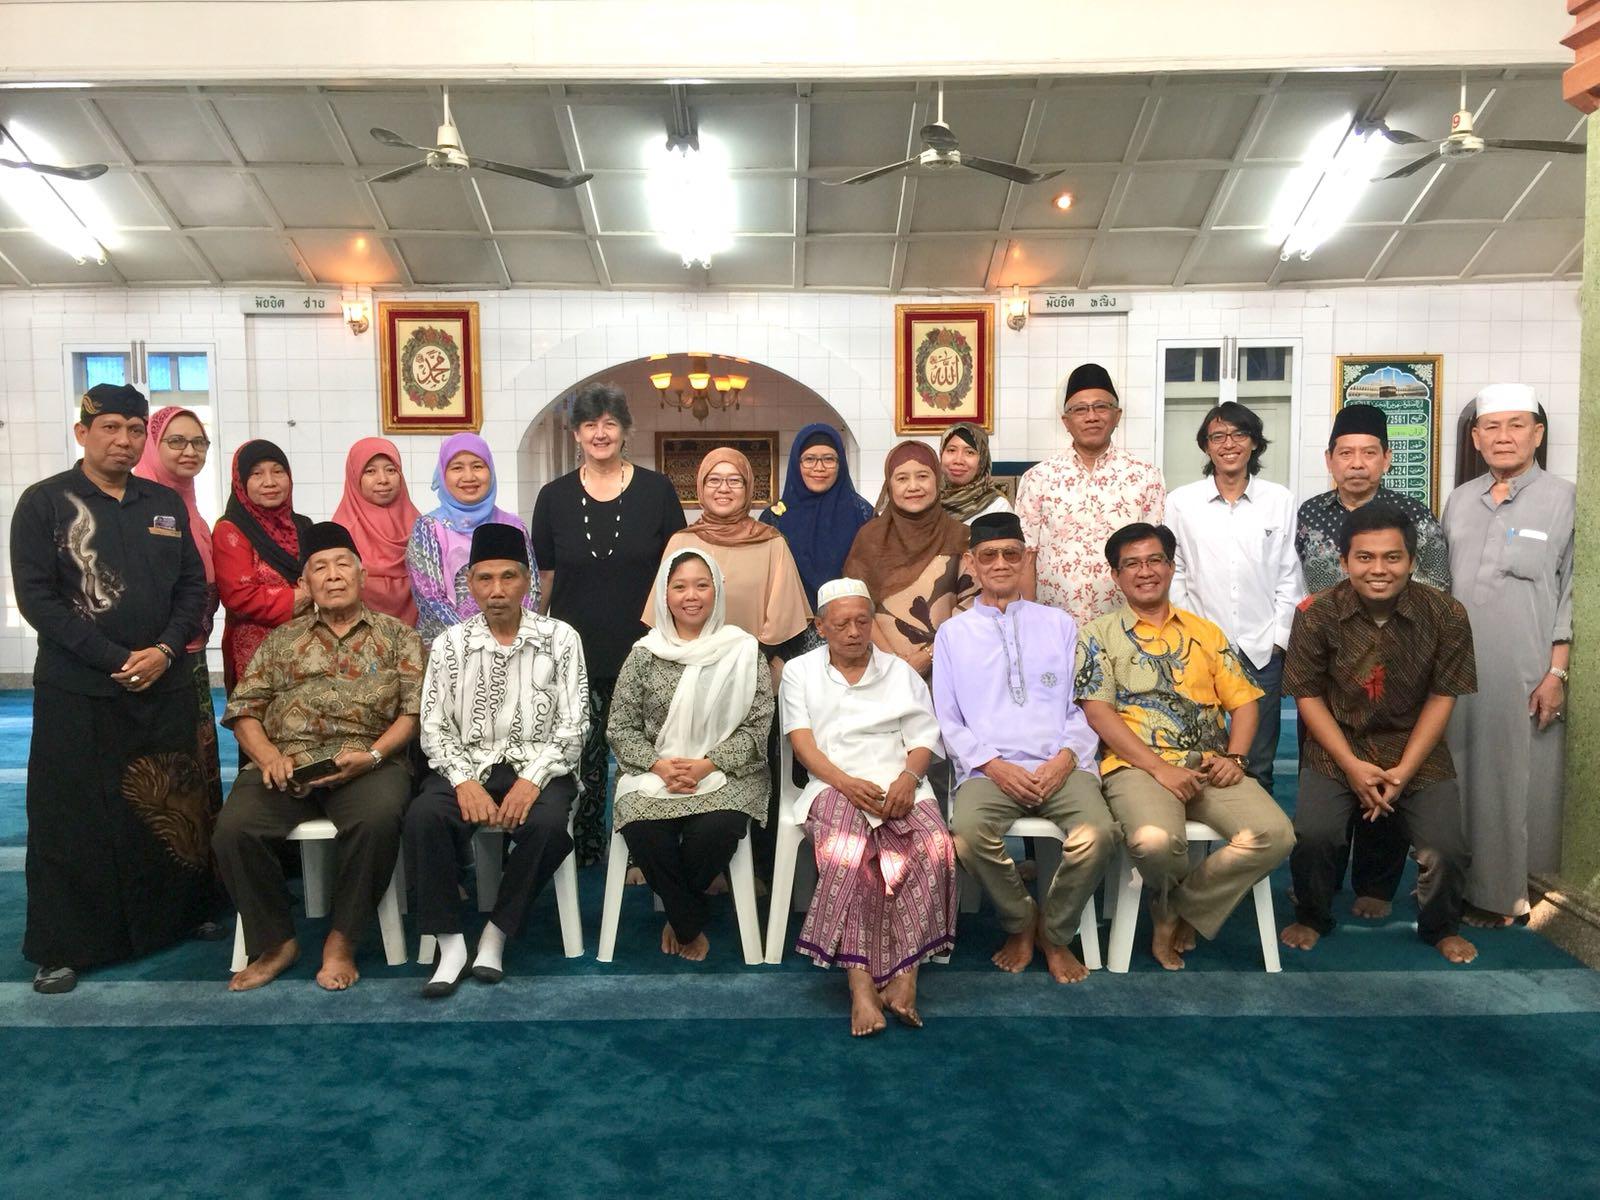 Alissa Wahid berfoto bersama di Masjid Jawa di Bangkok bersama keturunan Jawa yang ada di Thailand.